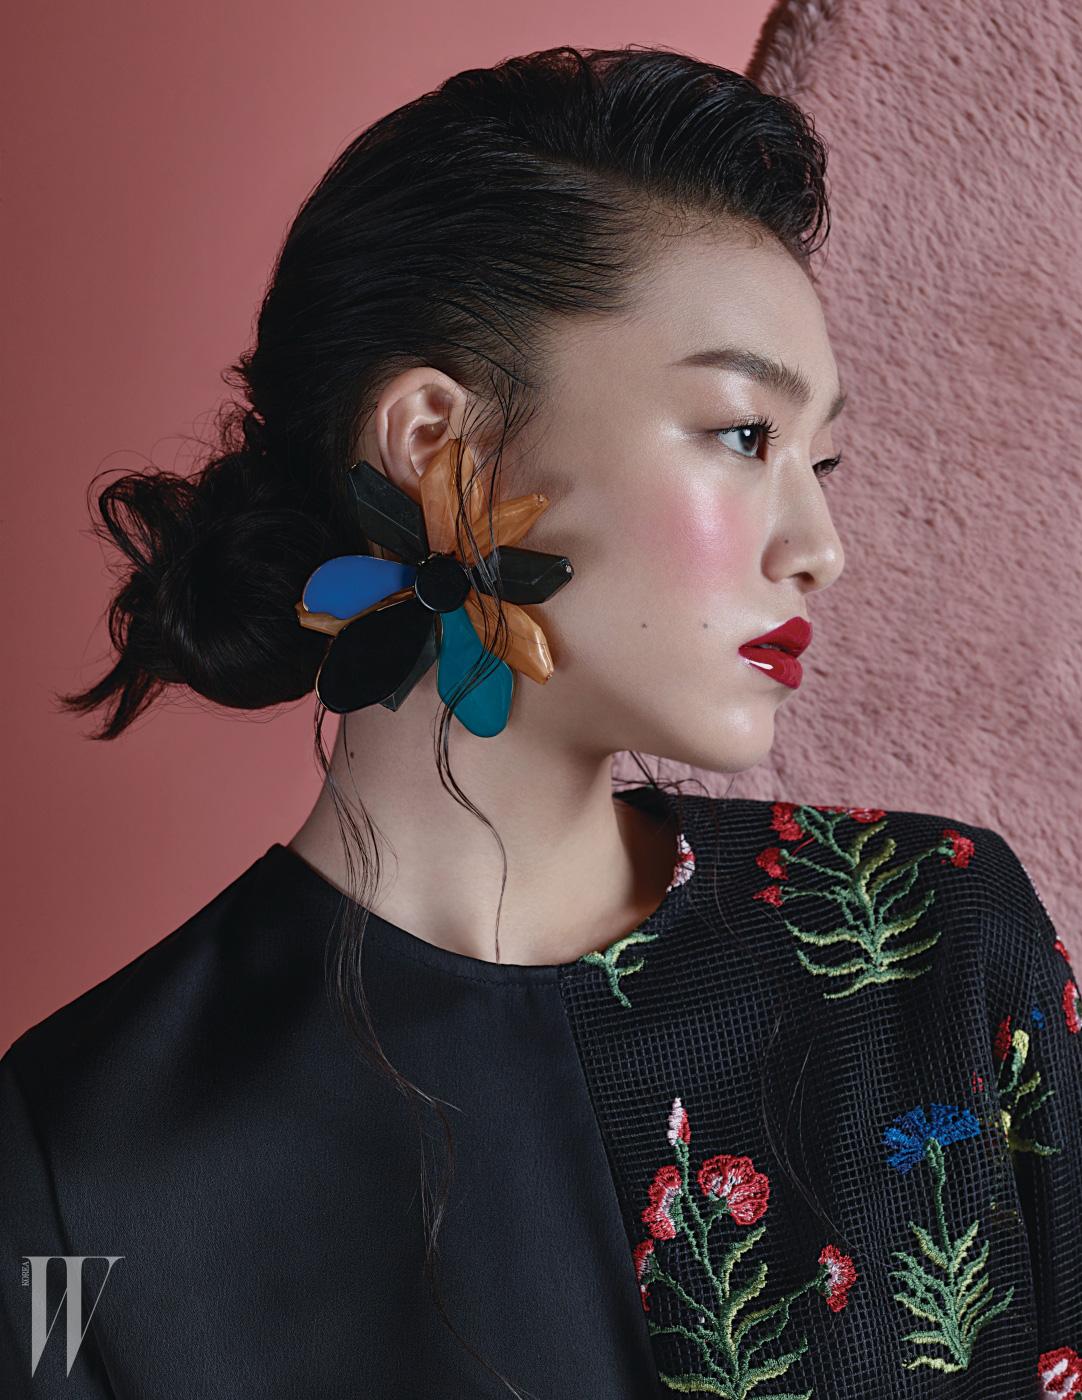 동양적인 꽃 자수 장식 블라우스, 커다란 꽃 모양 귀고리는 모두 The Centaur 제품.